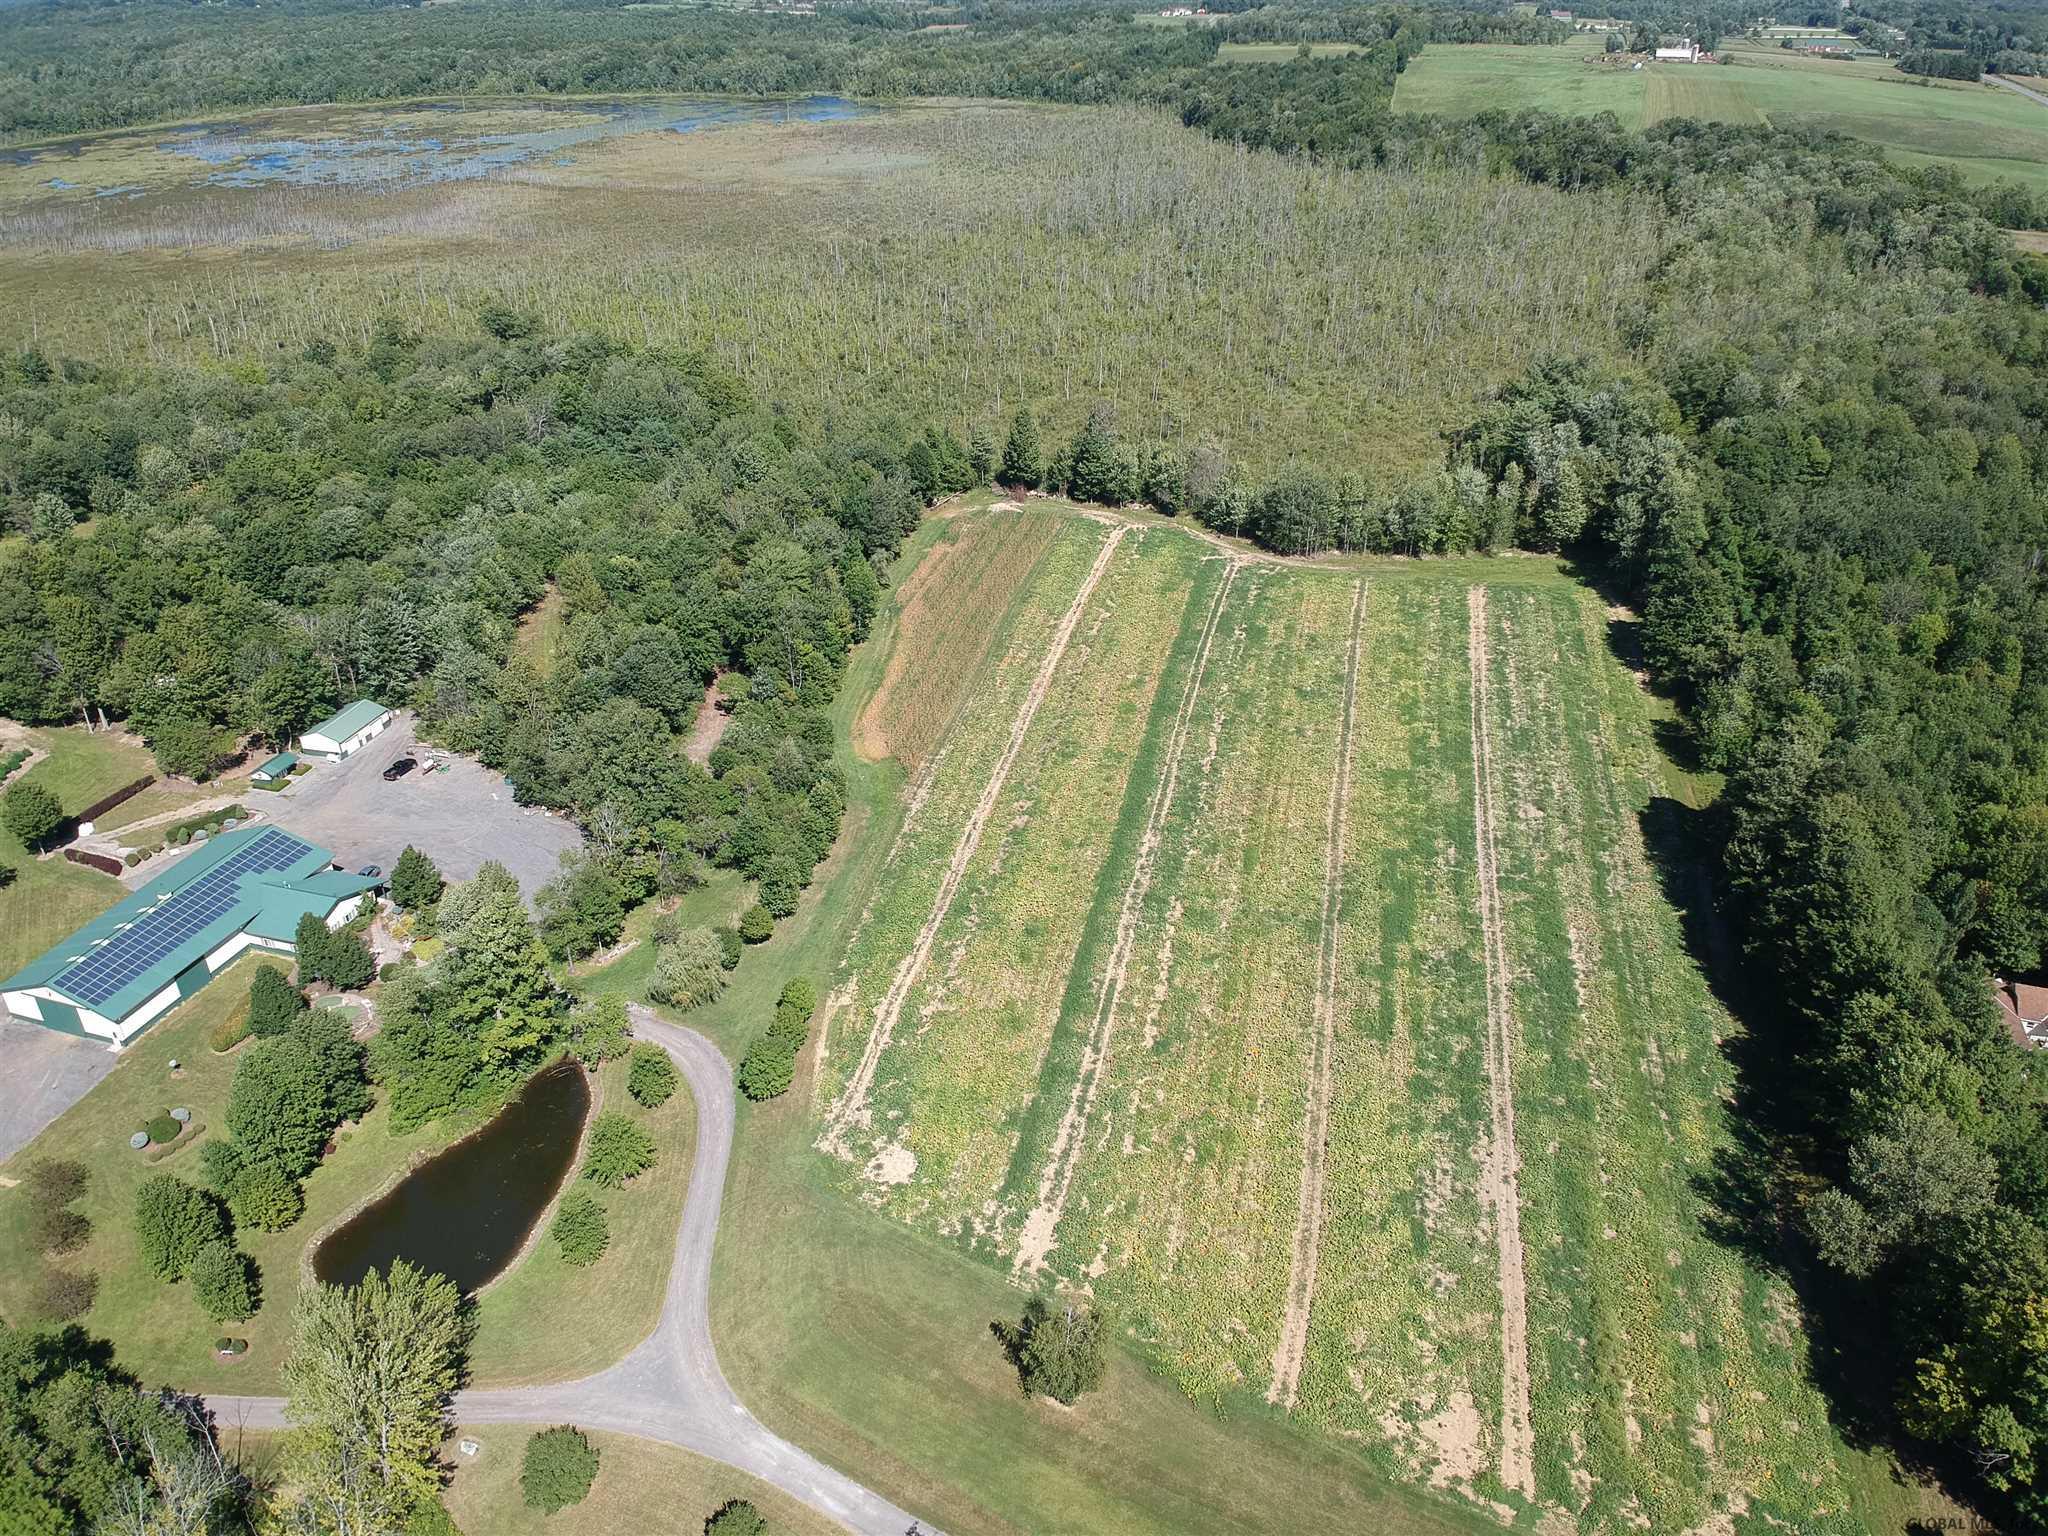 West Charlton image 3